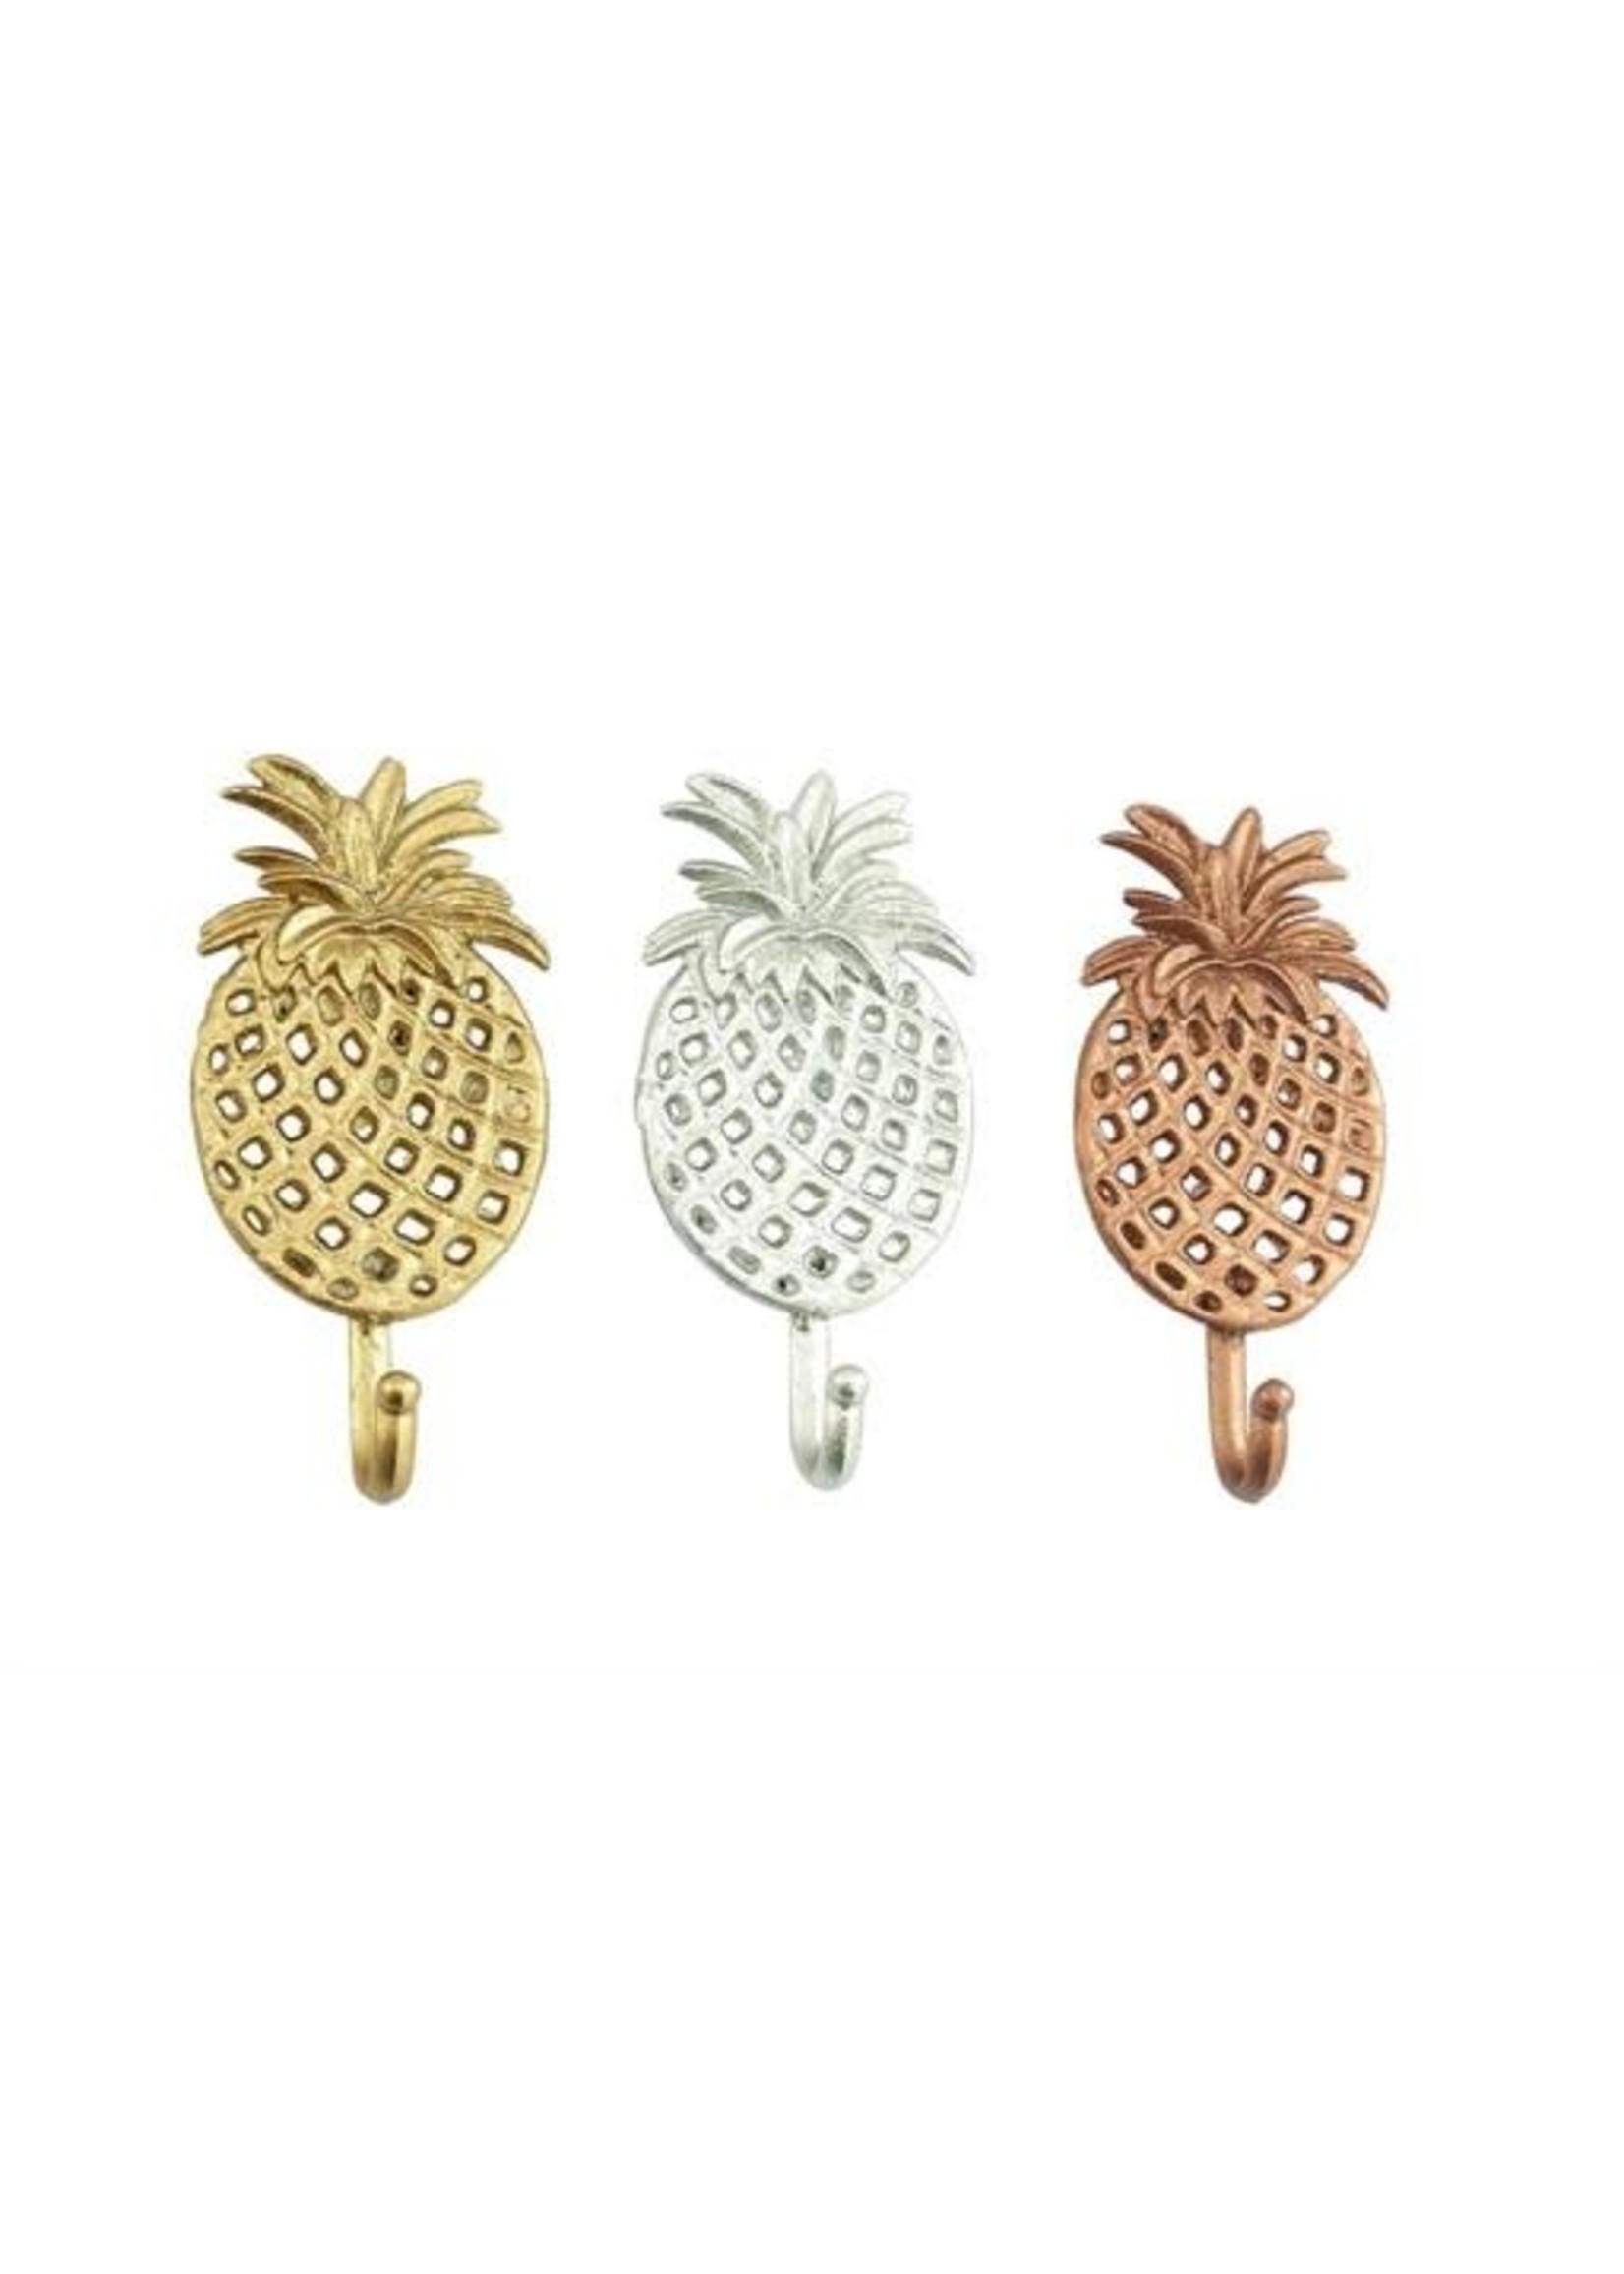 UMA Enterprises Mtl Pineapple Wall Hooks